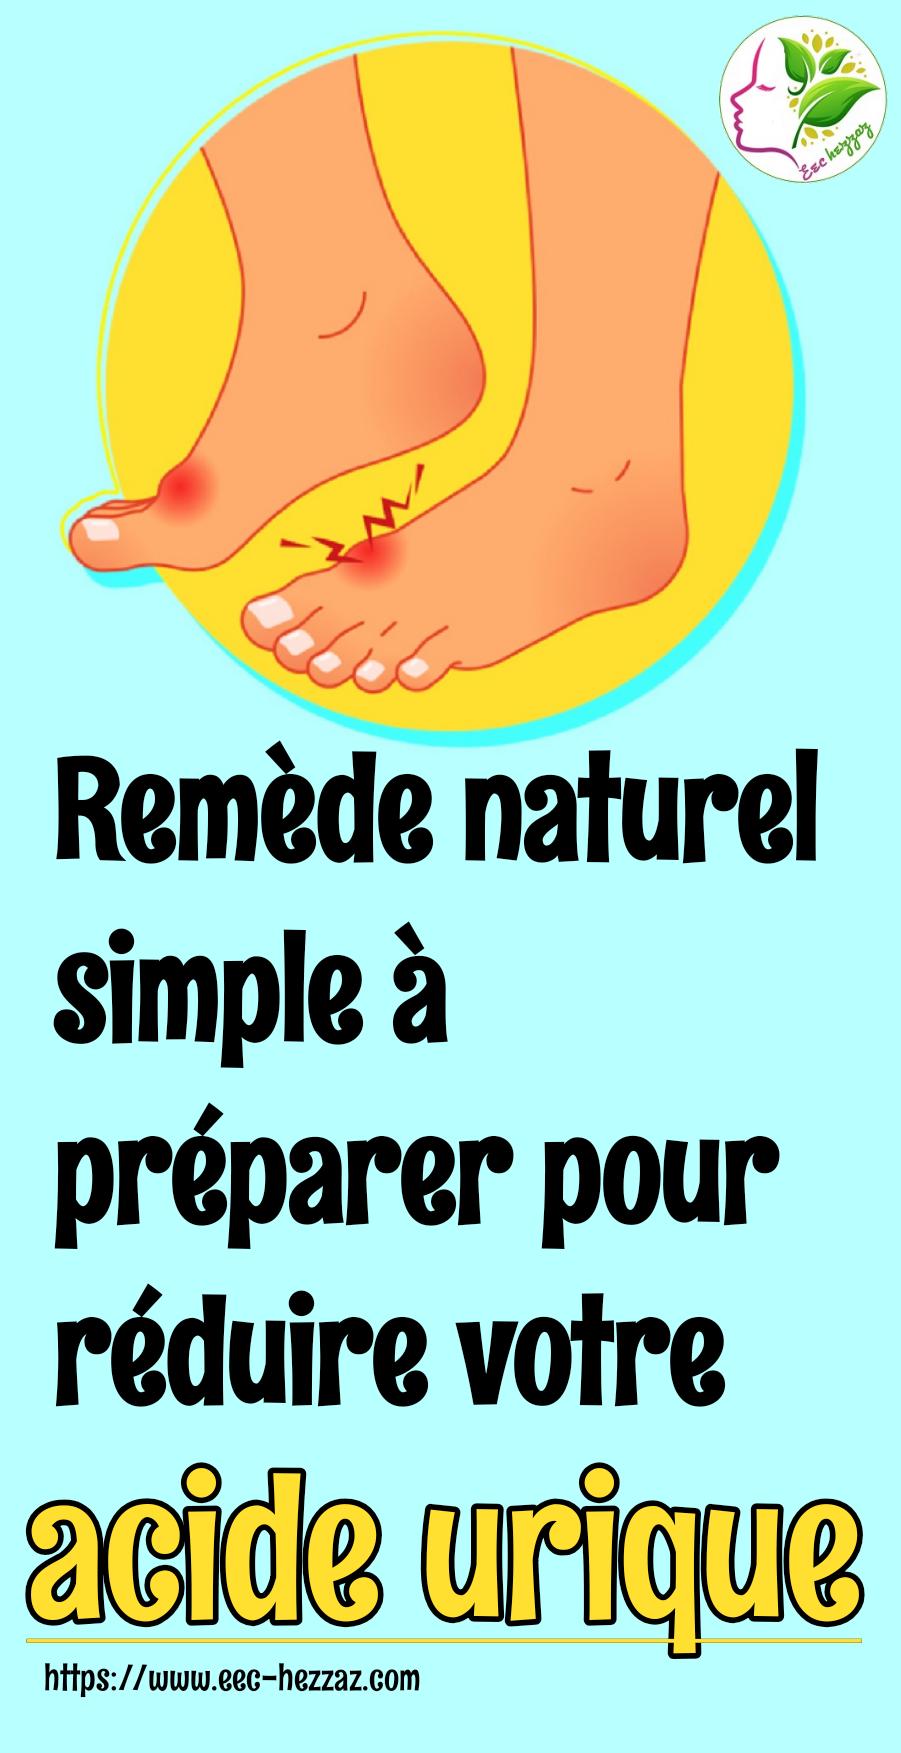 Remède naturel simple à préparer pour réduire votre acide urique